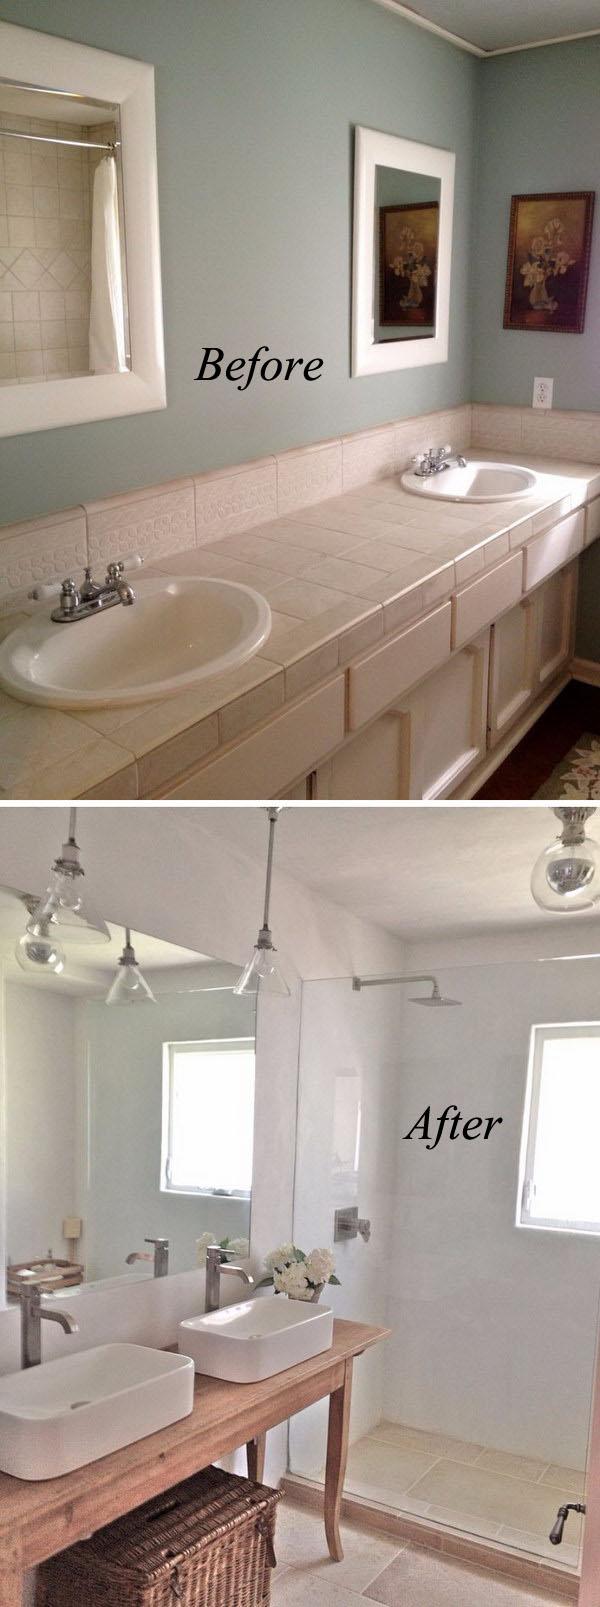 Clean And Crisp Bathroom Renovation.